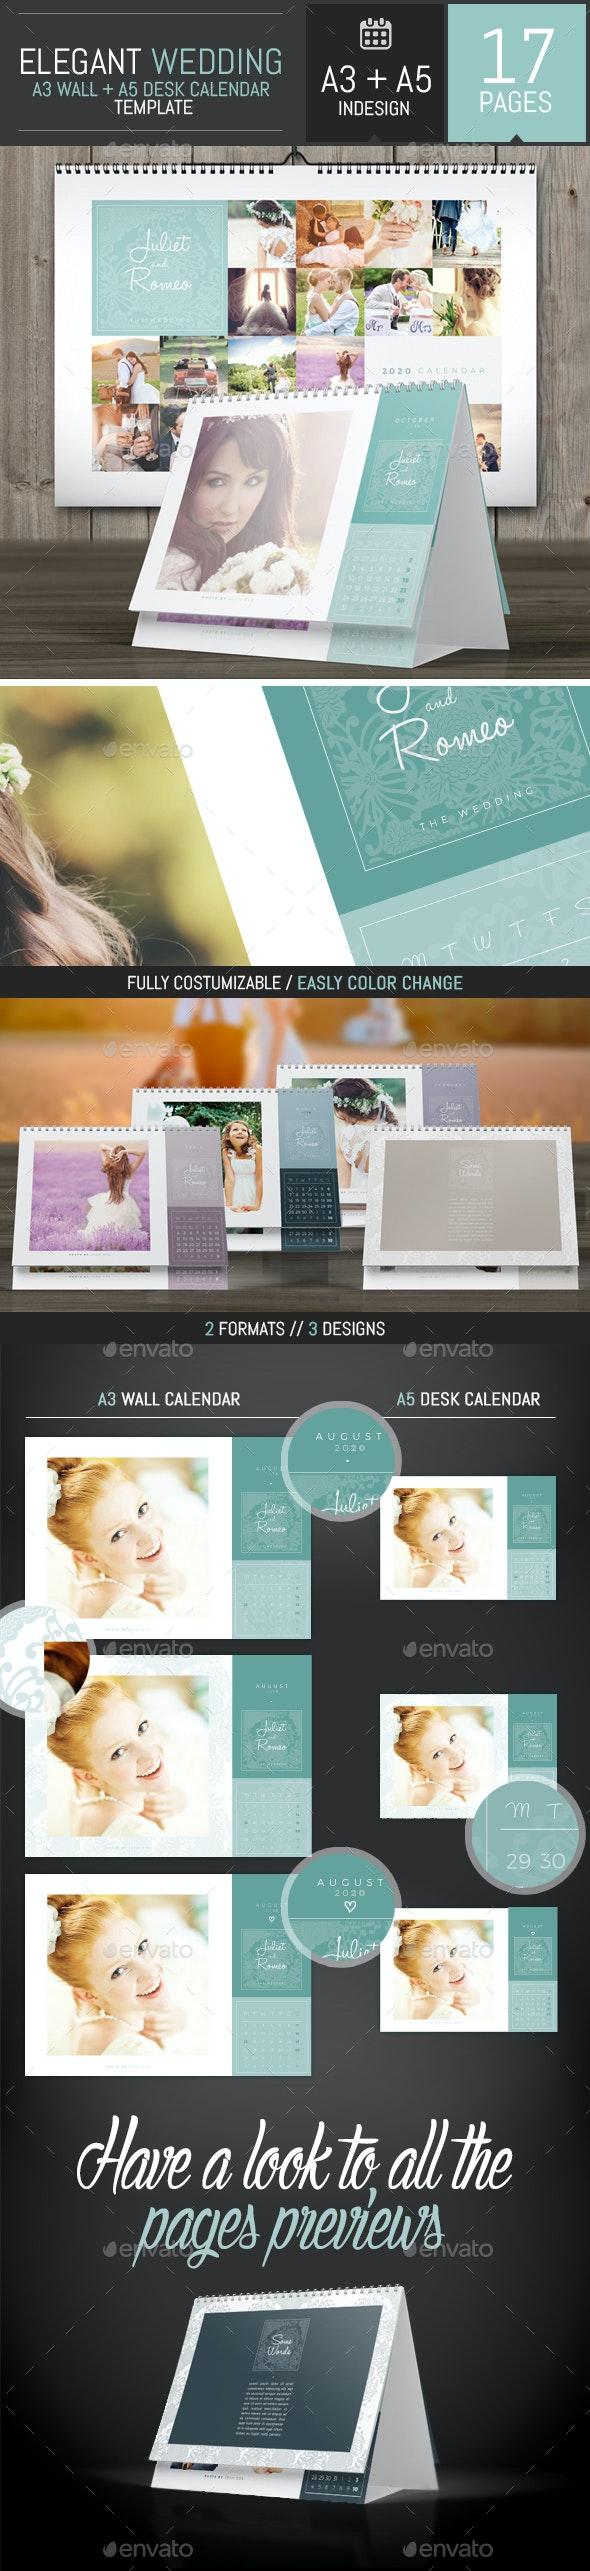 Wedding A3 Wall + A5 Desk 2020 Calendar Template - Calendars Stationery